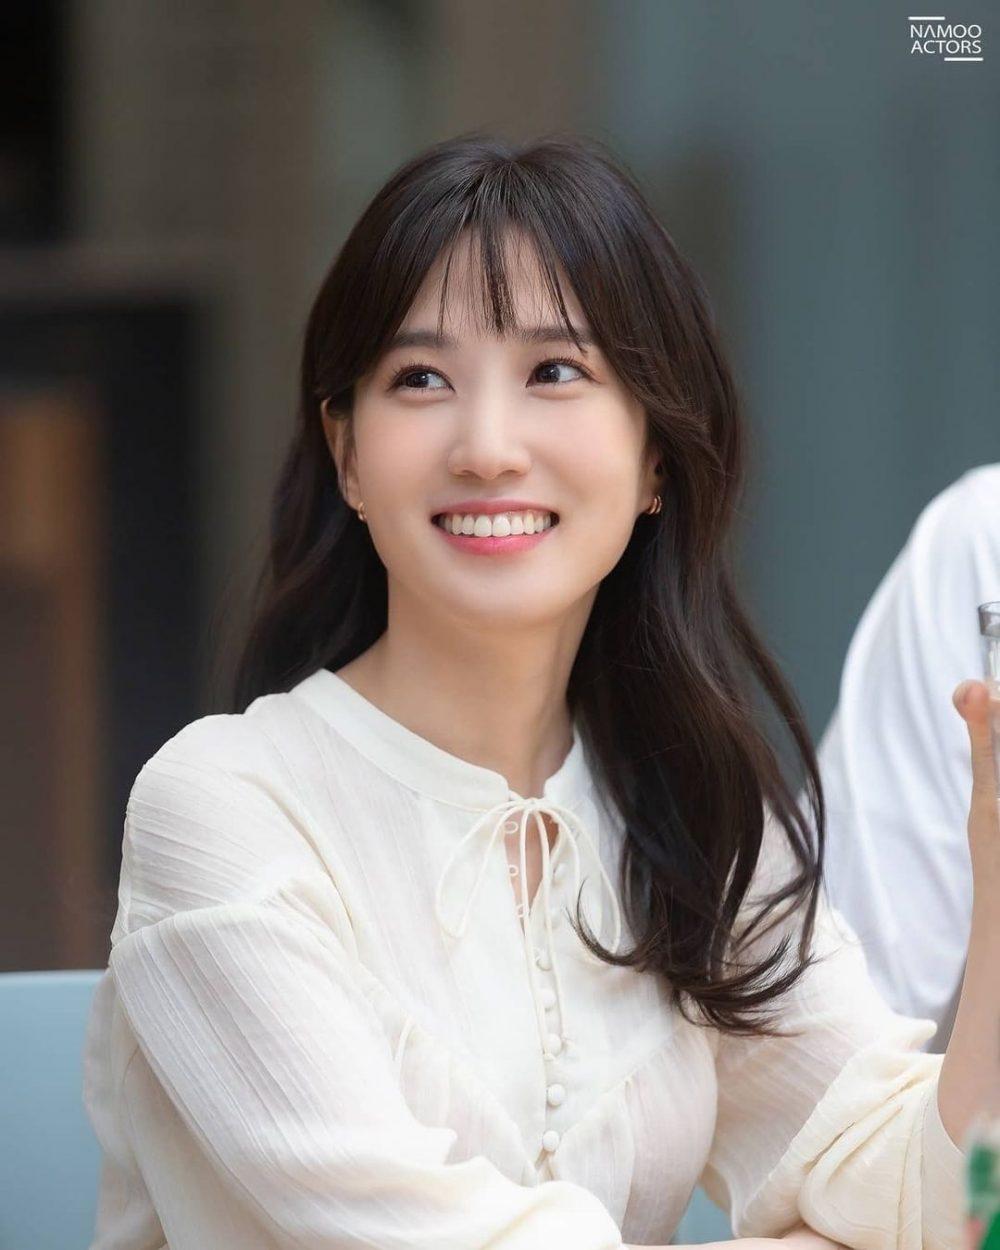 韩版《想见你》呼声最高人选名单!最出乎意料的人选居然是名主持人…-Woah.MY